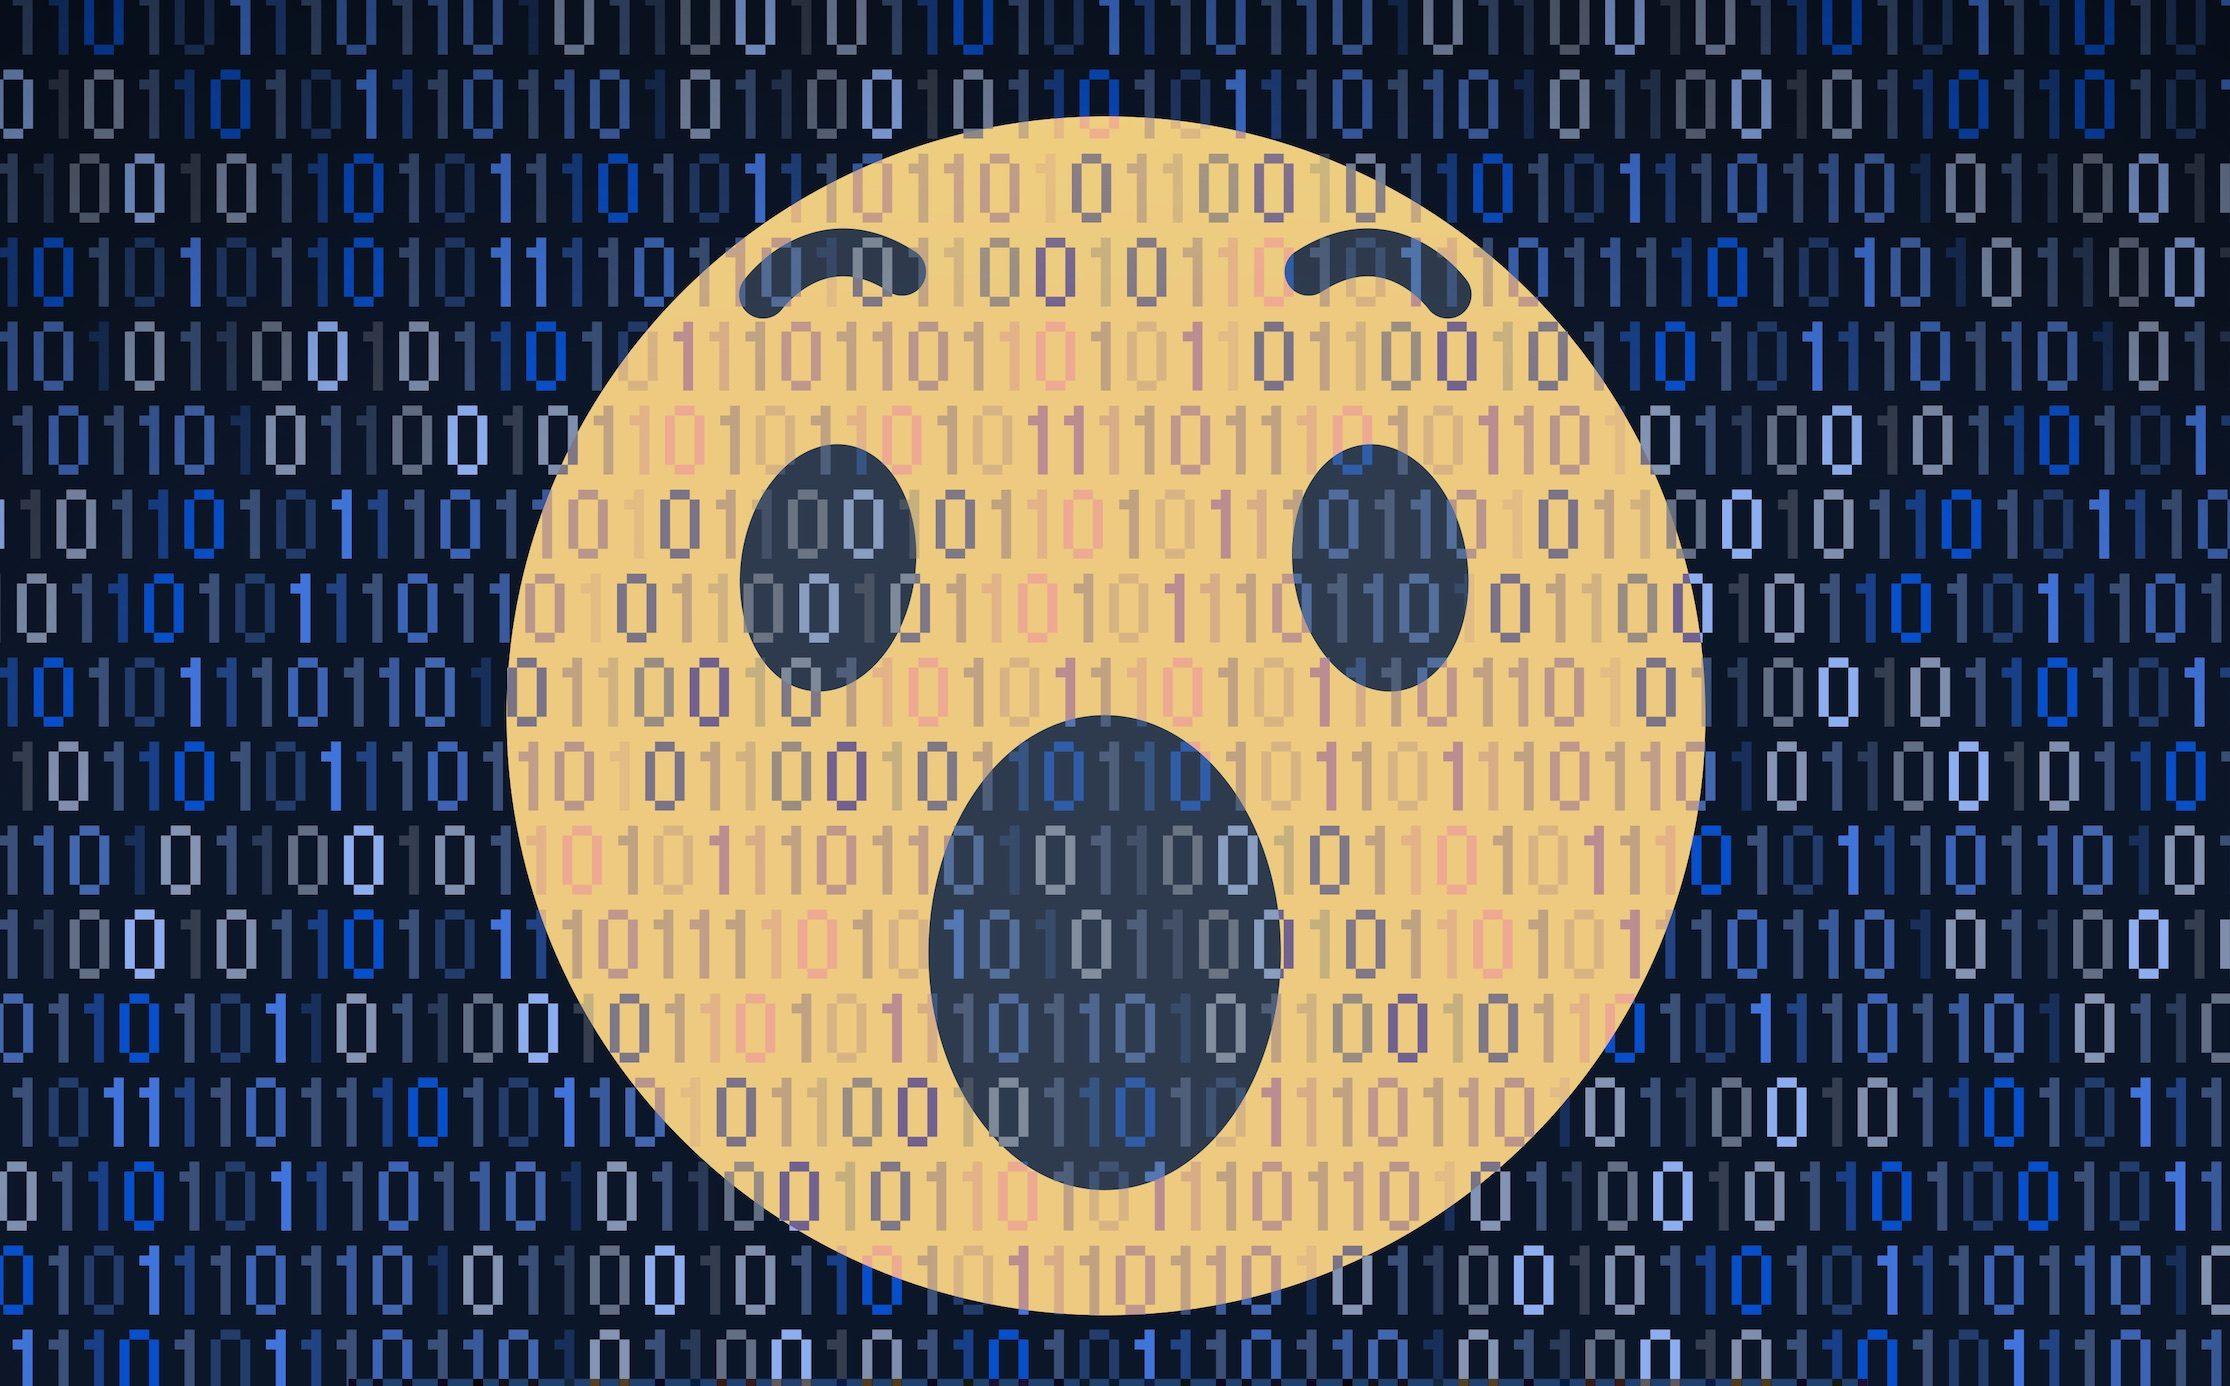 """giá bitcoin: Mới tung ra thông tin về đồng tiền điện tử Libra, Facebook đã bị giới chức Mỹ và Pháp """"gõ đầu"""""""